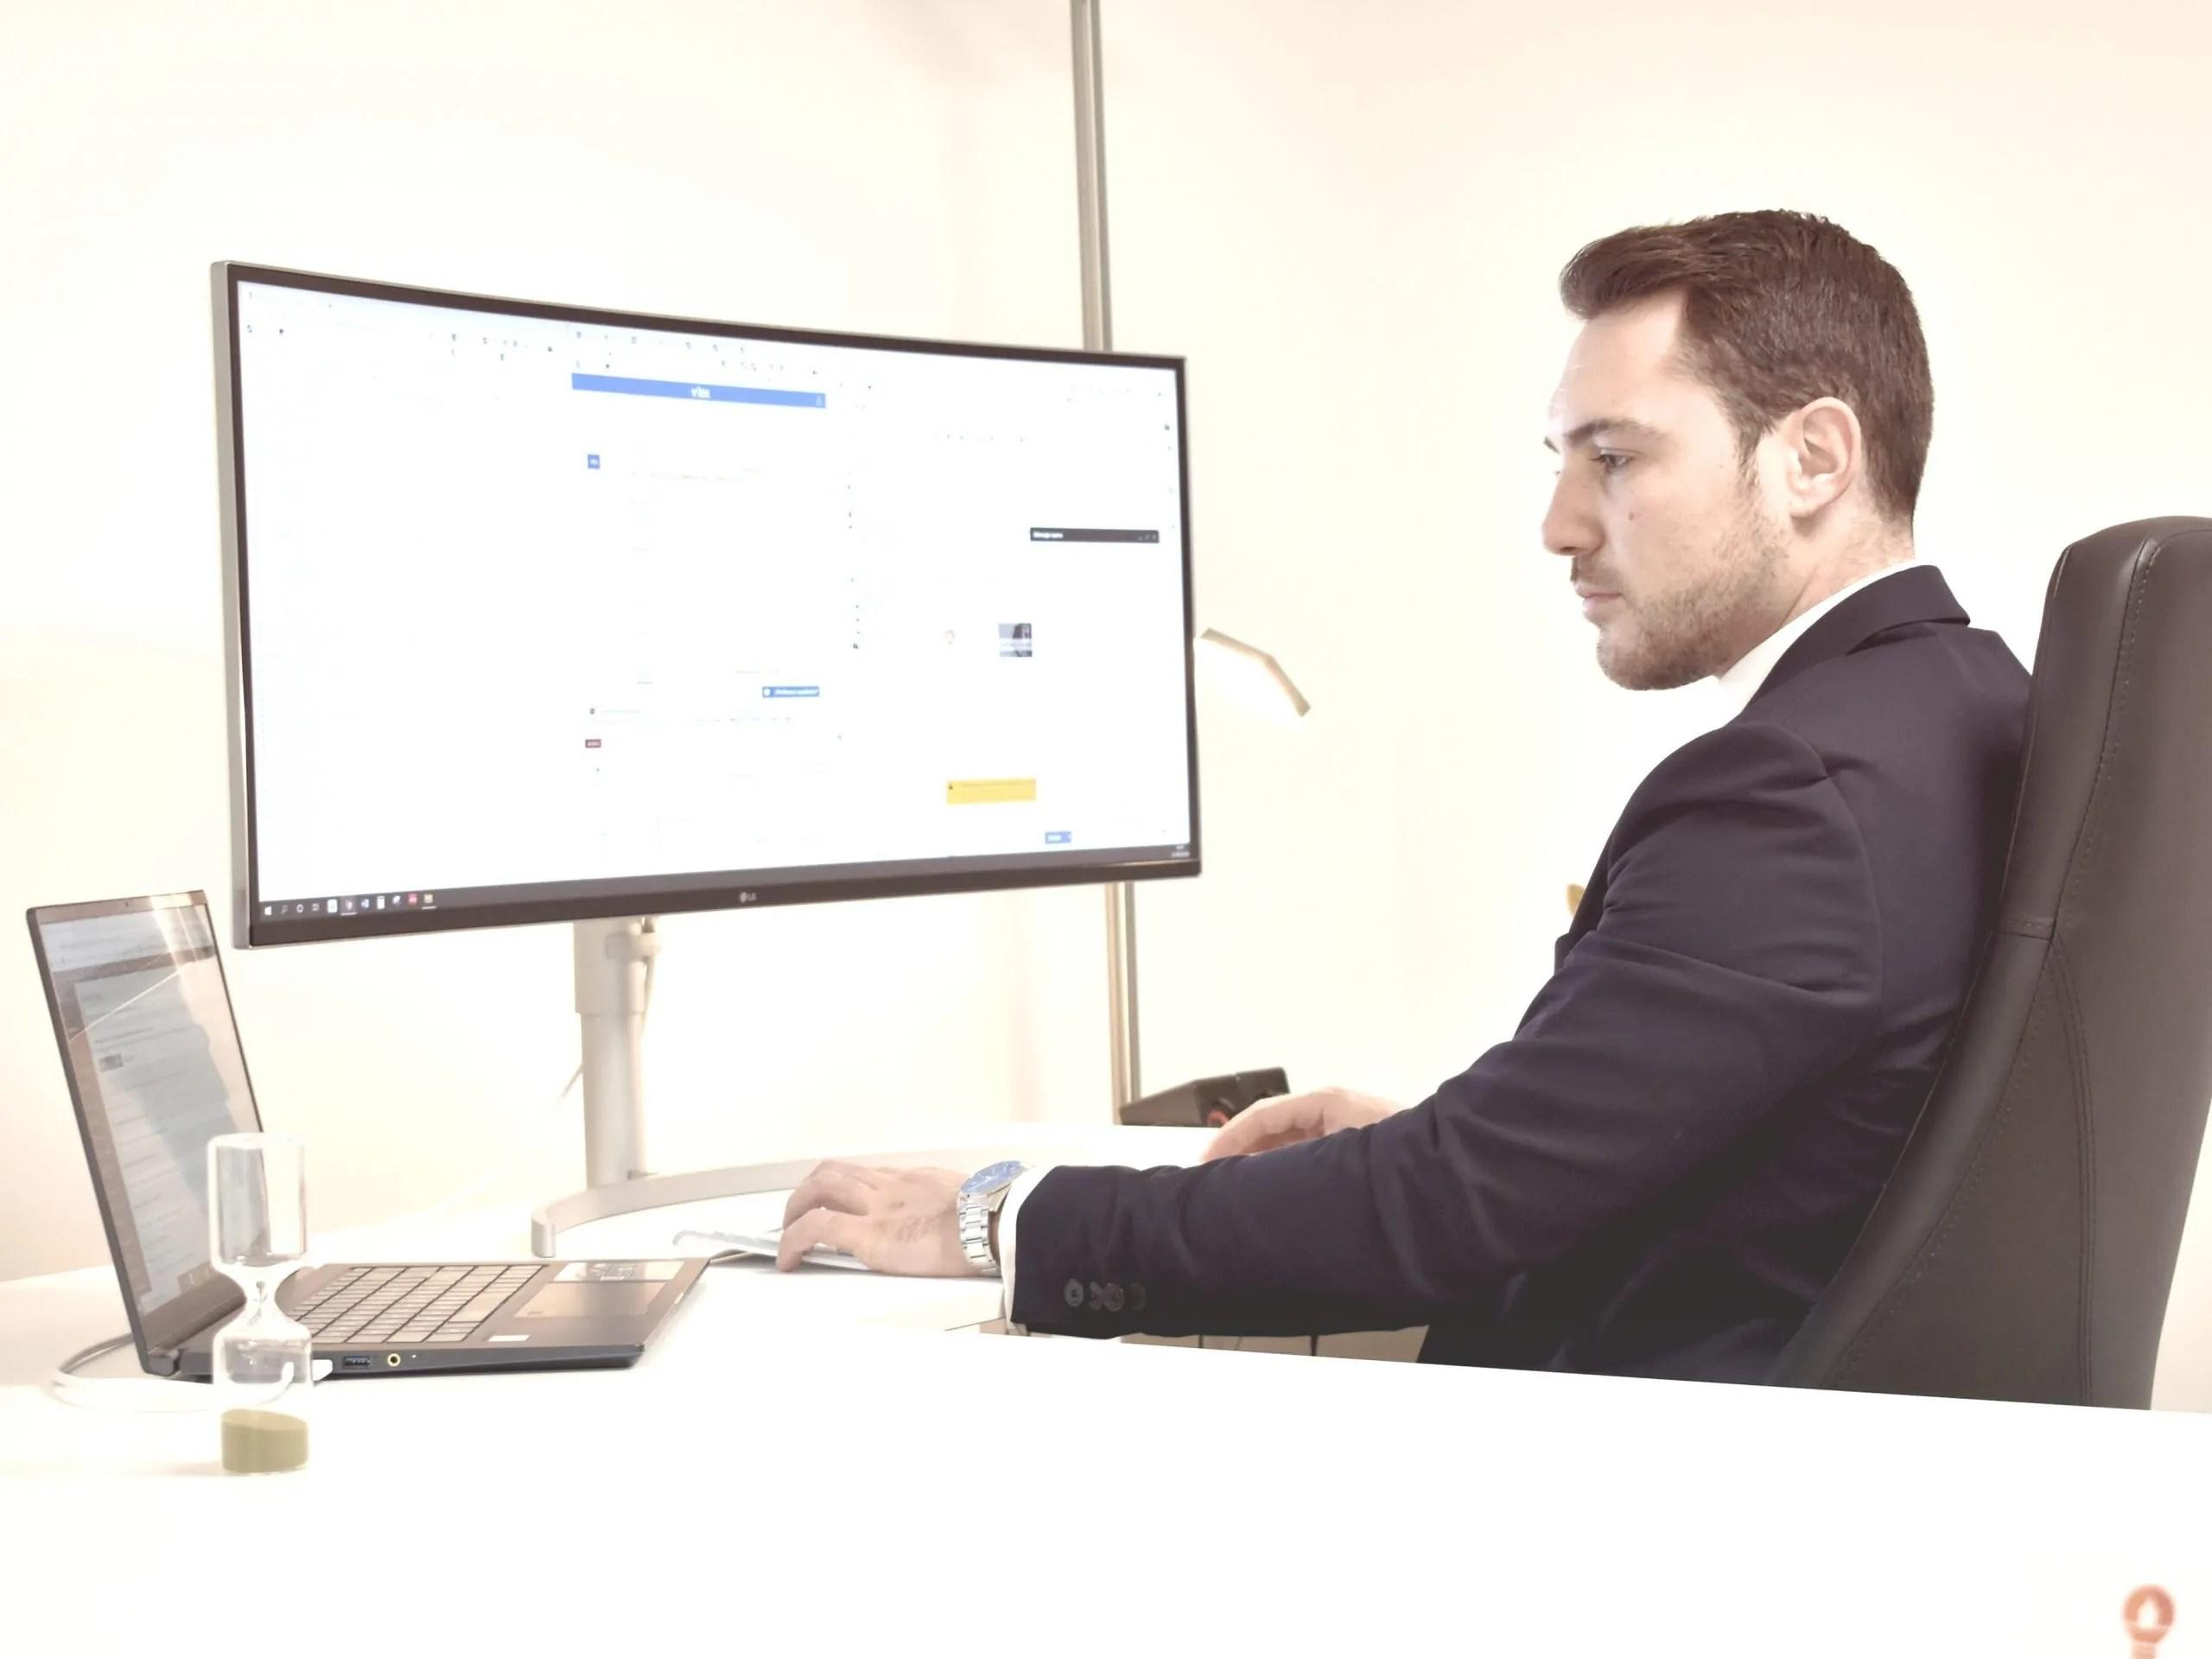 abogado especialista tecnologias españa propiedad intelectual industrial delitos informaticos